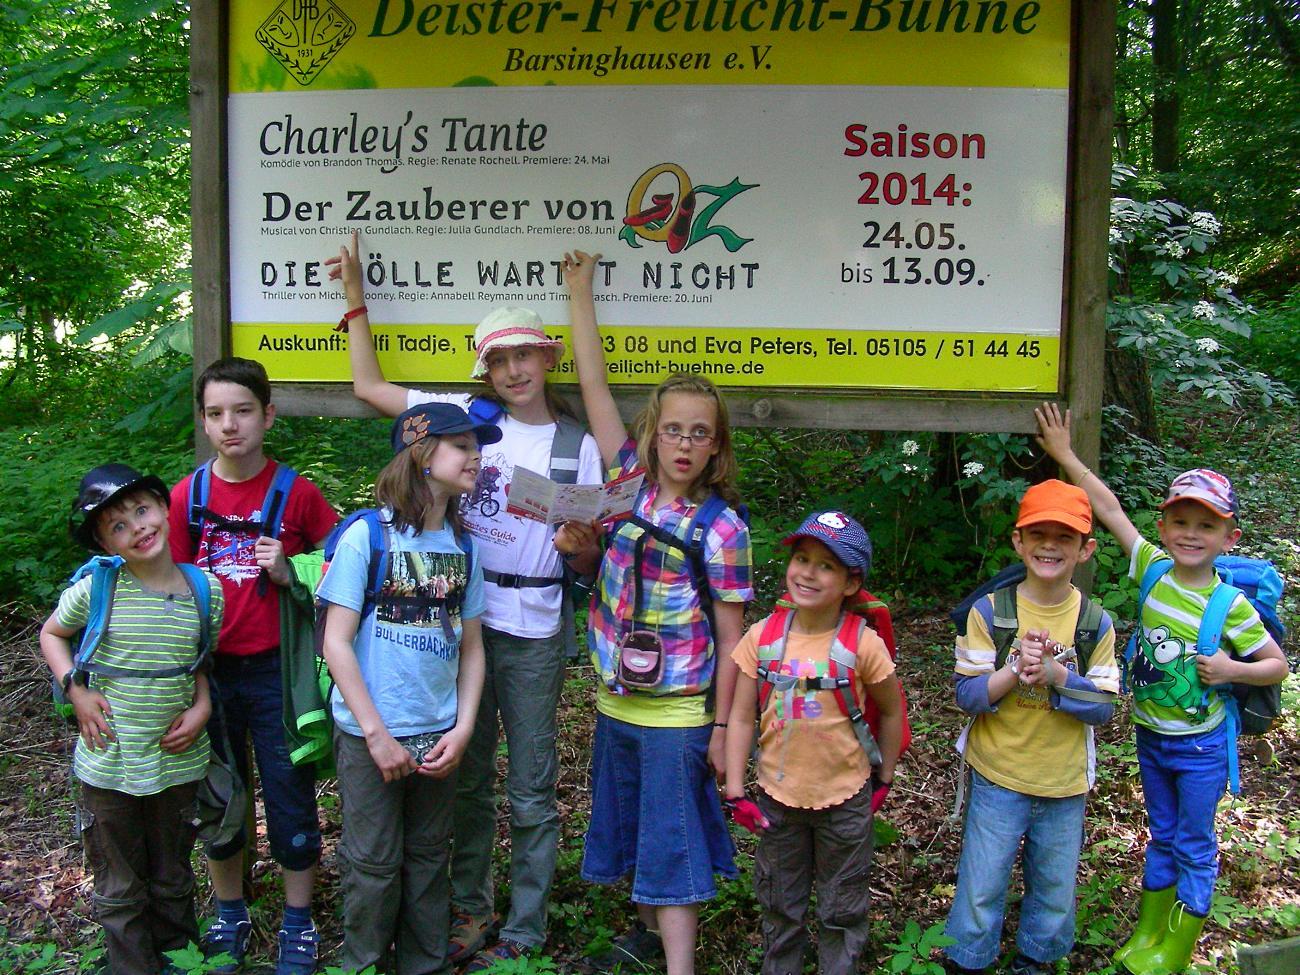 Deister-Freilichtbühne 2014